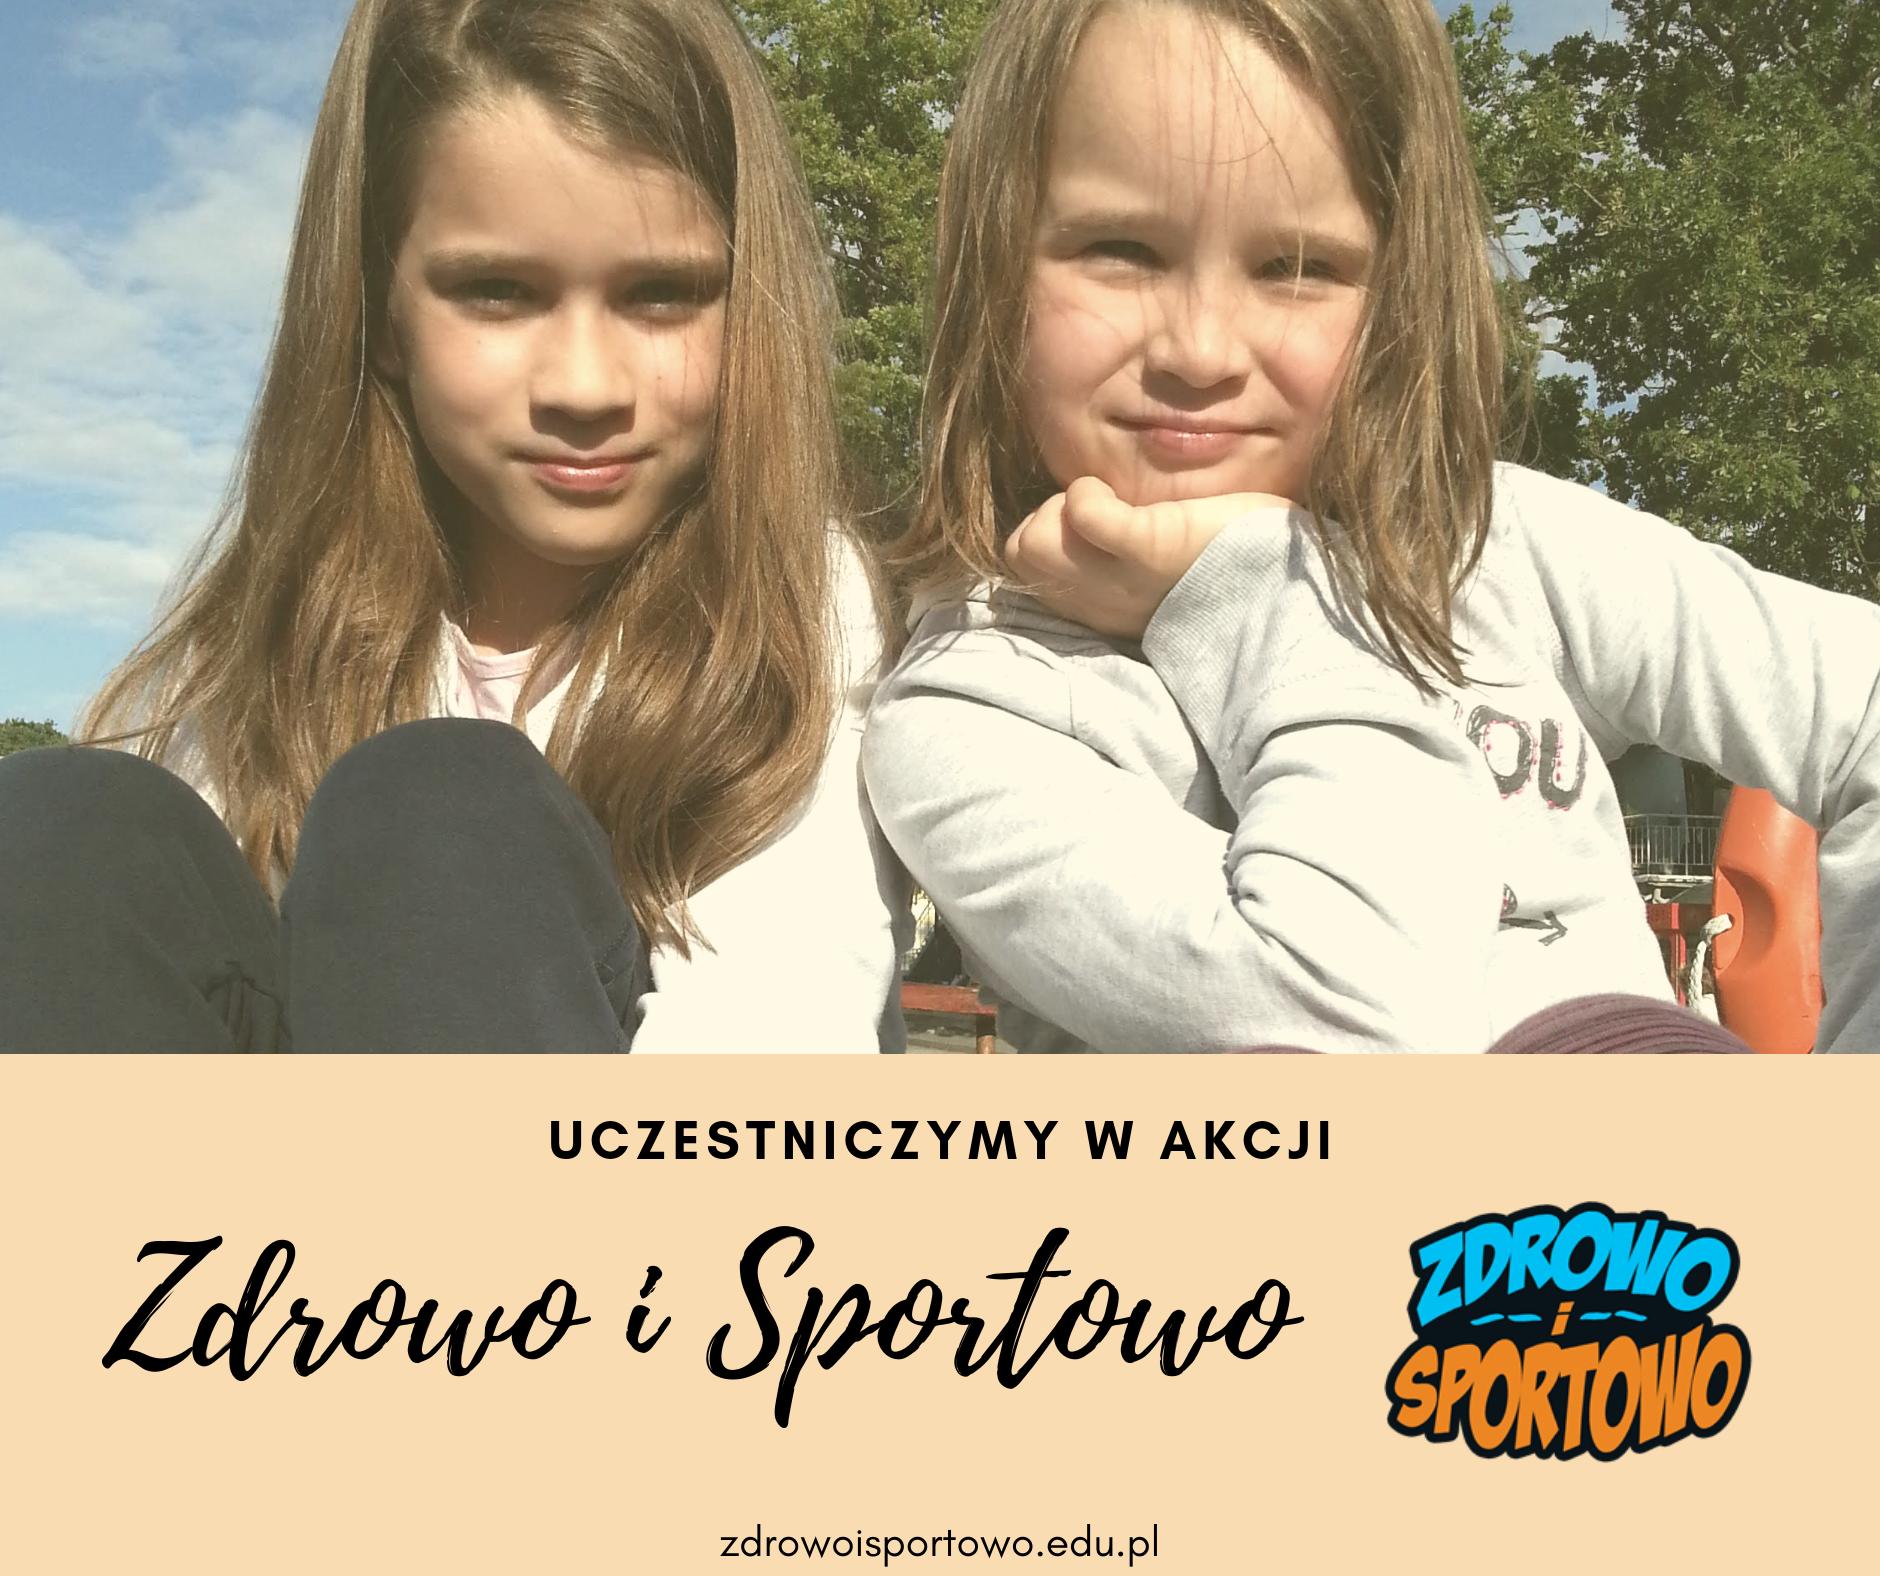 """Motylki biorą udział w akcji """"Zdrowo i Sportowo"""". Organizatorem akcji jest Kids&Sport – Spółka z o.o."""